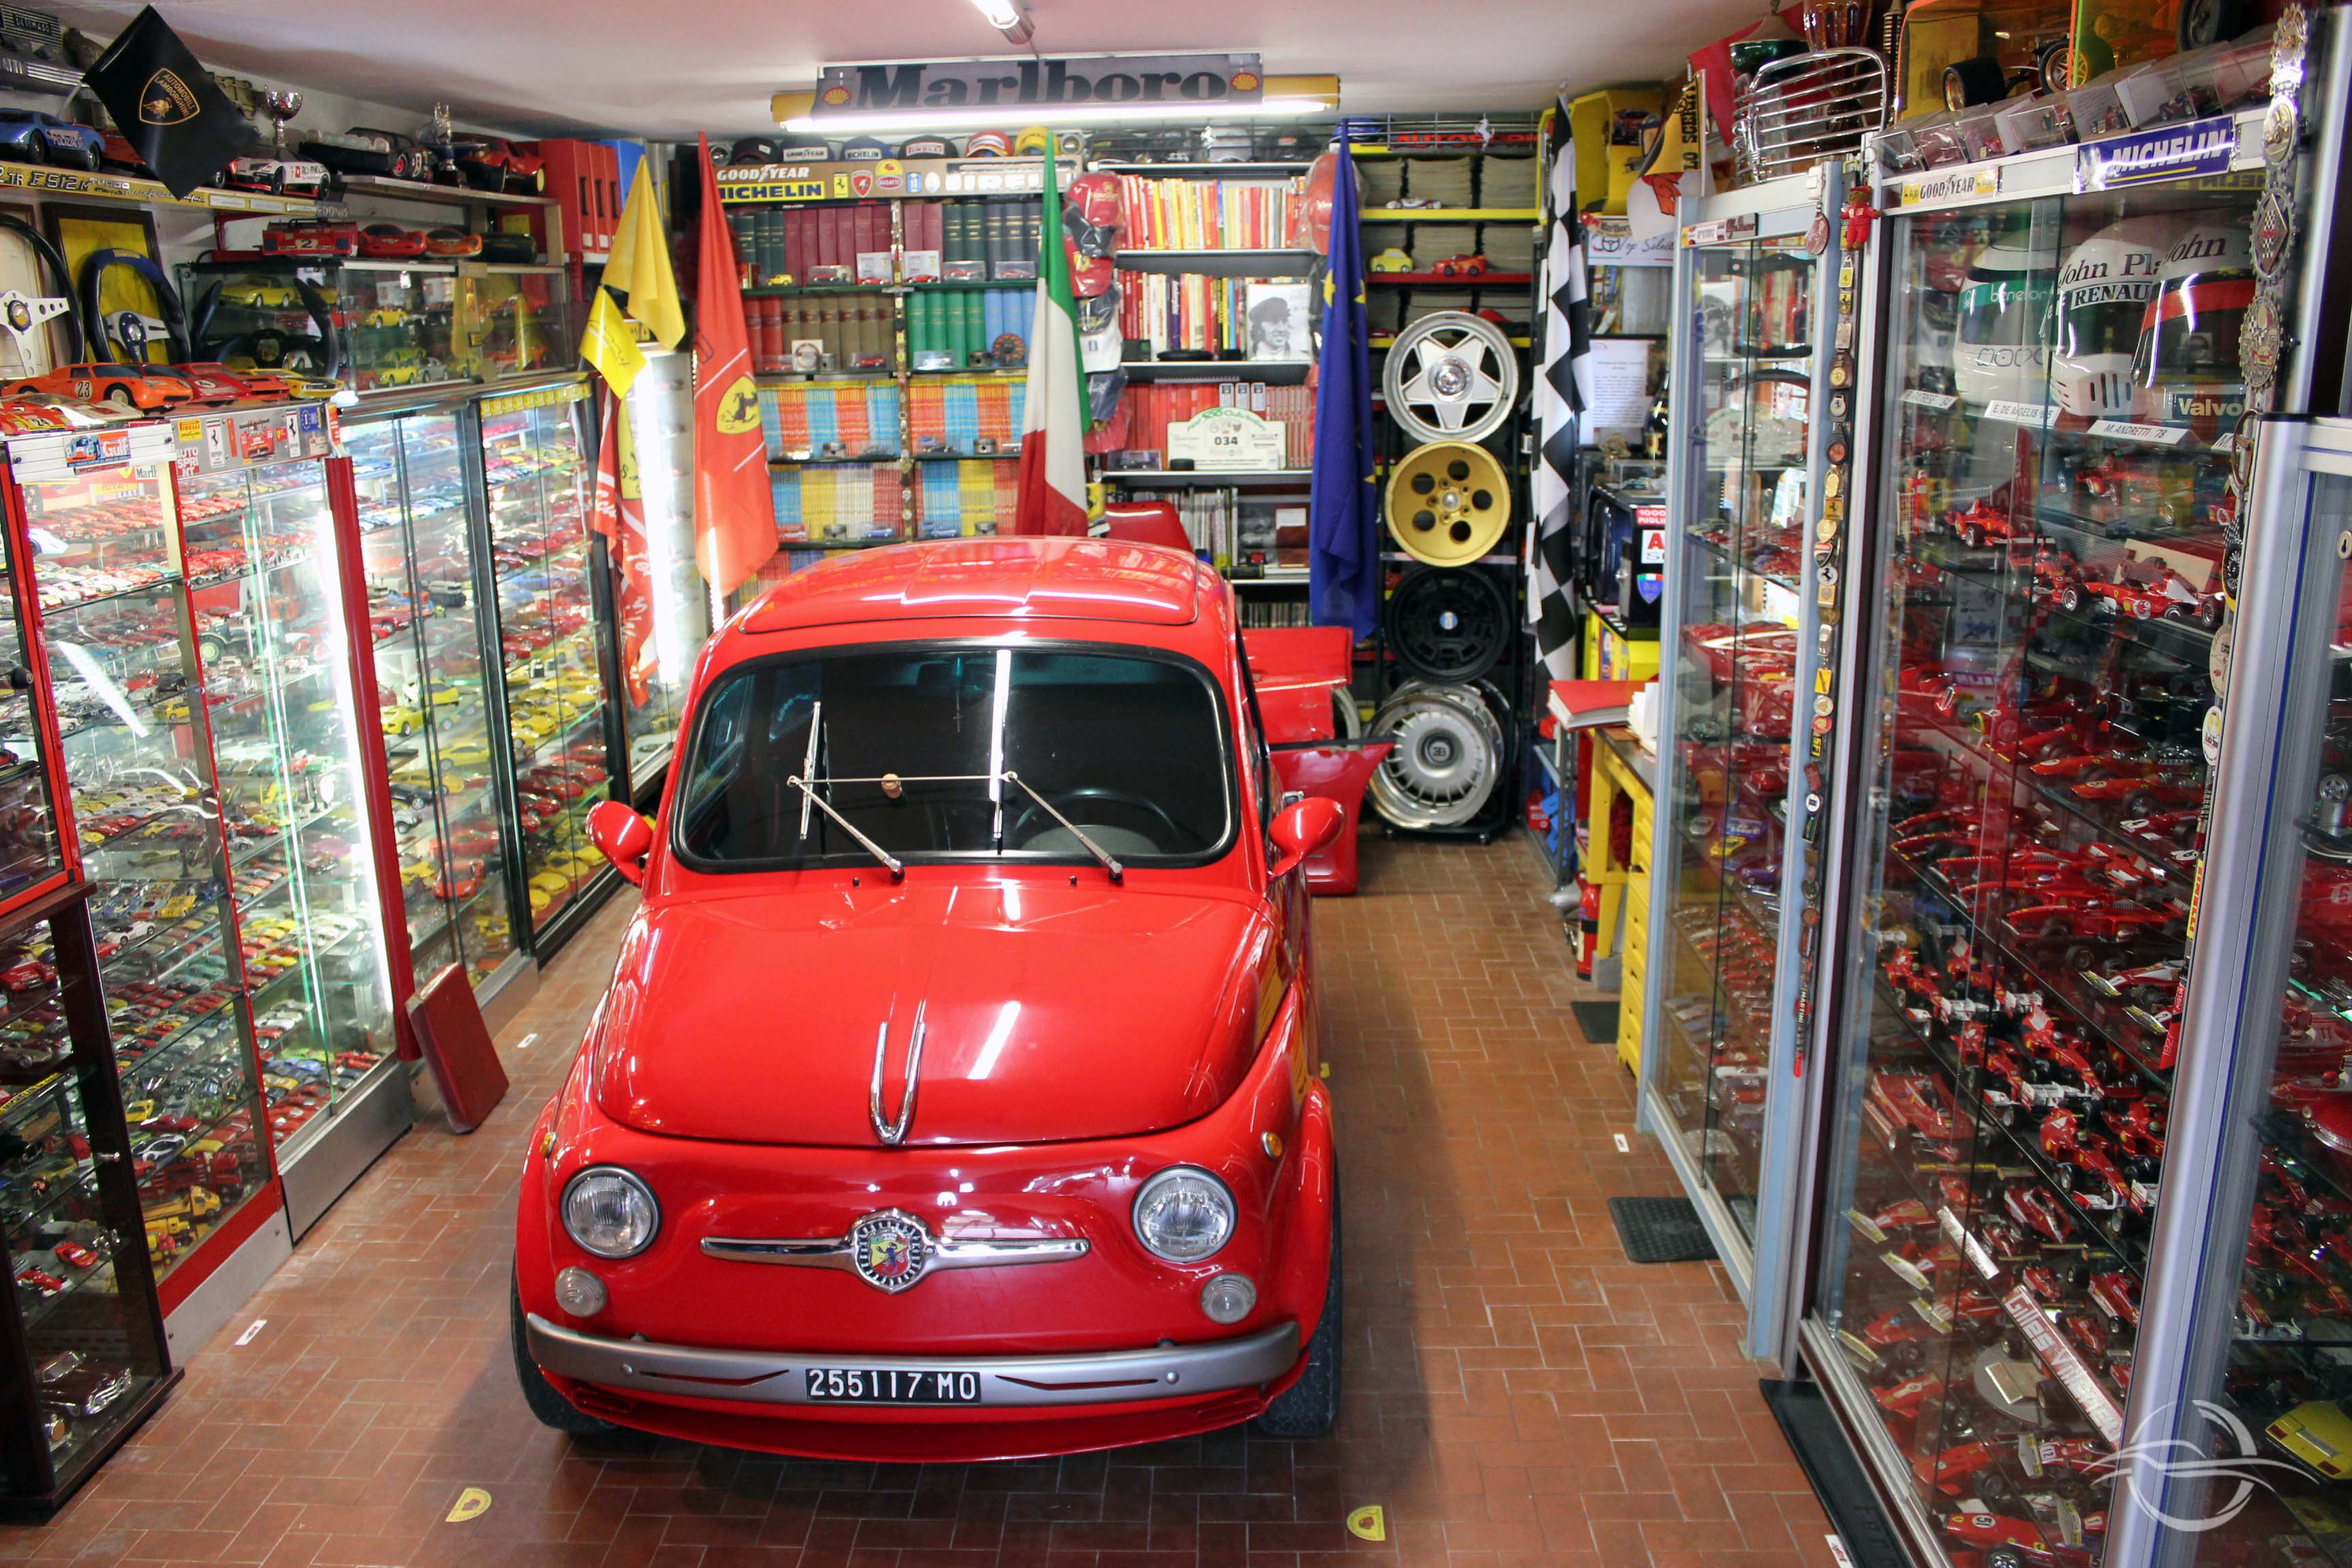 Morselli Fiat 500 rosso modena